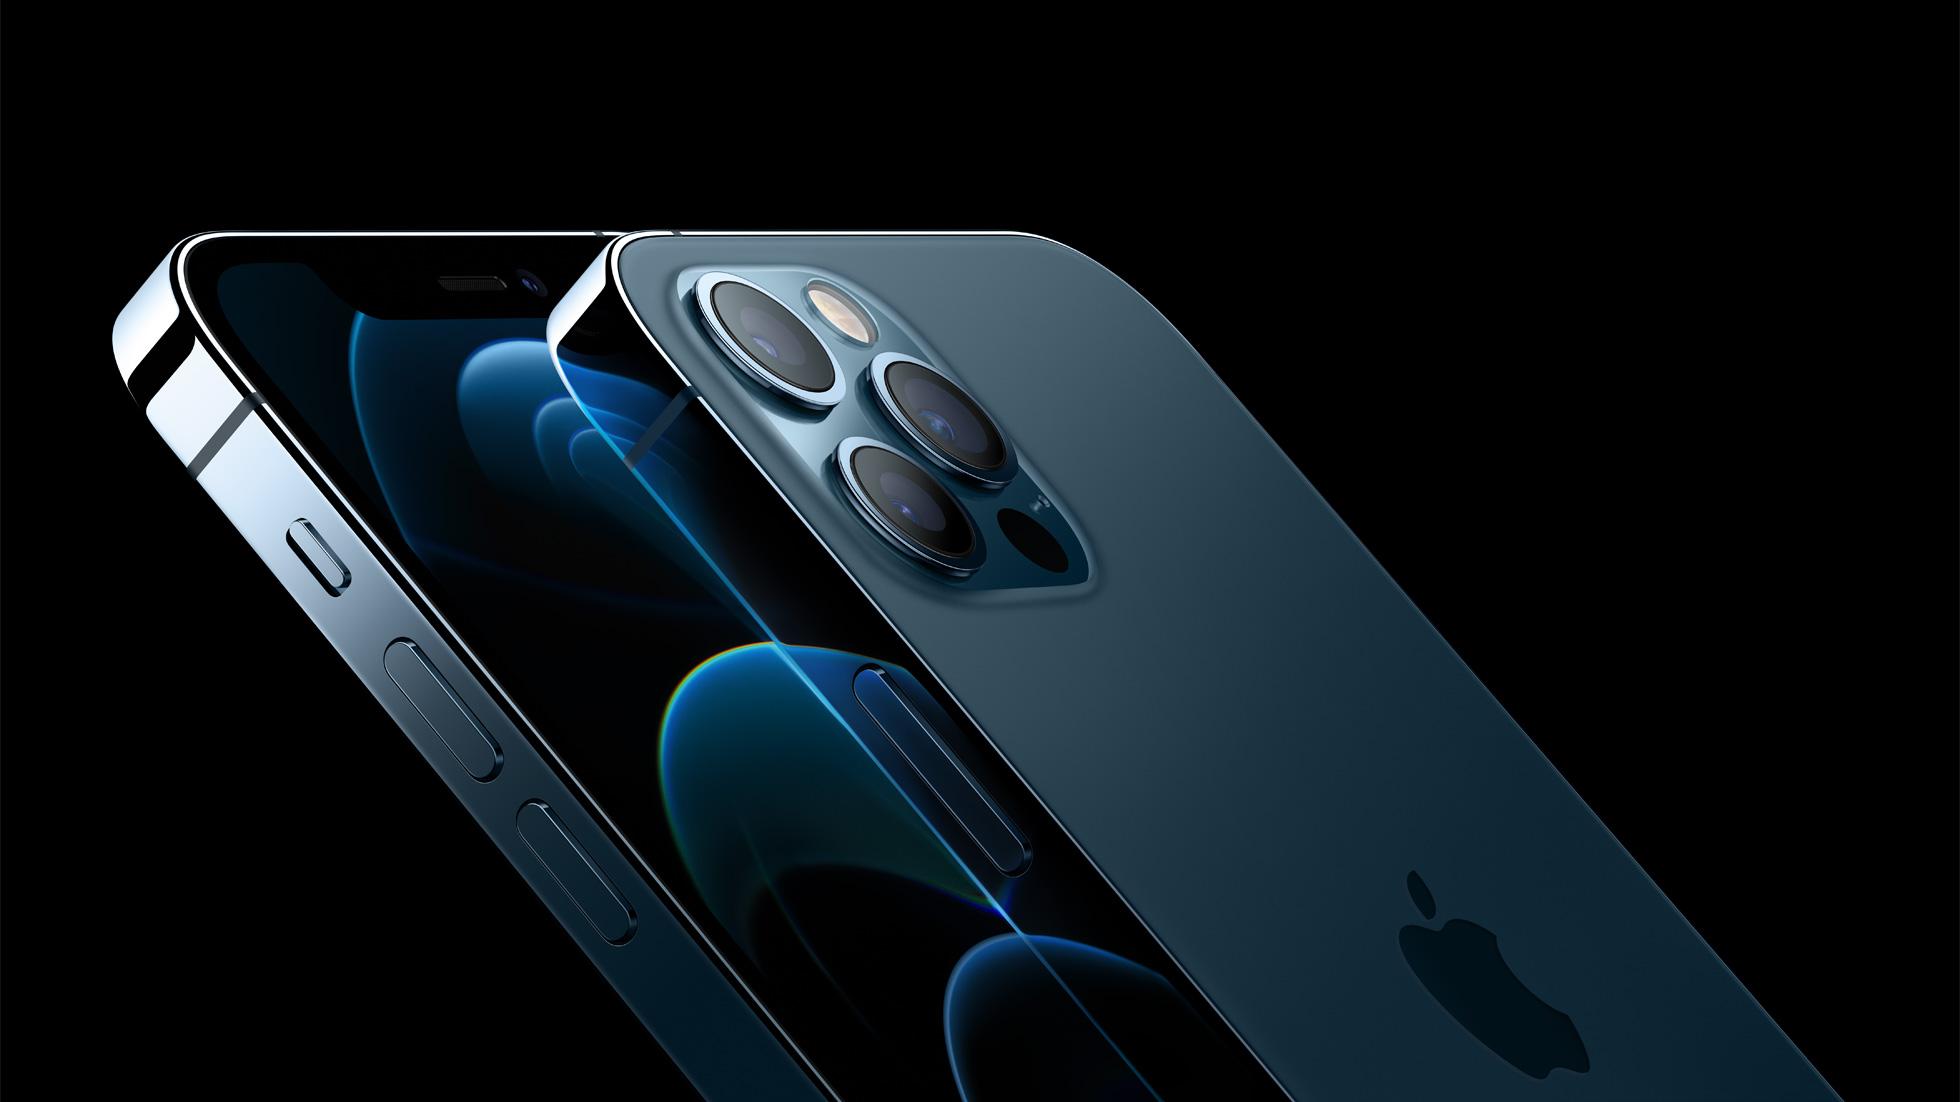 En crash test, les iPhone 12 et 12 Pro confirment la solidité du verre Ceramic Shield